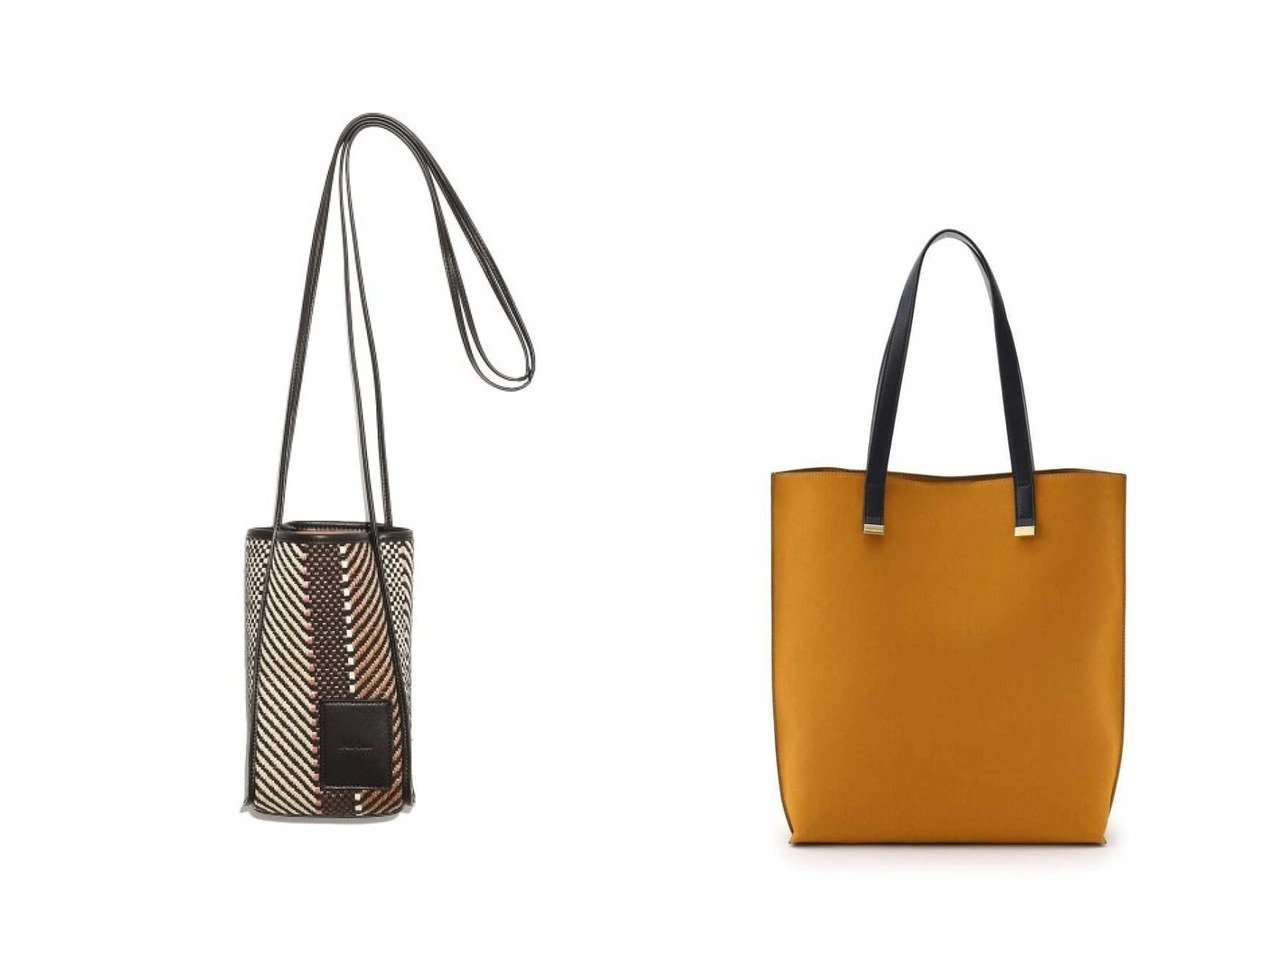 【INDIVI/インディヴィ】のプレーントートバッグ&【Mila Owen/ミラオーウェン】のボトルホルダーショルダーバッグ バッグ・鞄のおすすめ!人気、トレンド・レディースファッションの通販 おすすめで人気の流行・トレンド、ファッションの通販商品 メンズファッション・キッズファッション・インテリア・家具・レディースファッション・服の通販 founy(ファニー) https://founy.com/ ファッション Fashion レディースファッション WOMEN バッグ Bag キャンバス ショルダー シンプル ストライプ タンブラー パッチ フェイクレザー フロント スエード |ID:crp329100000014160